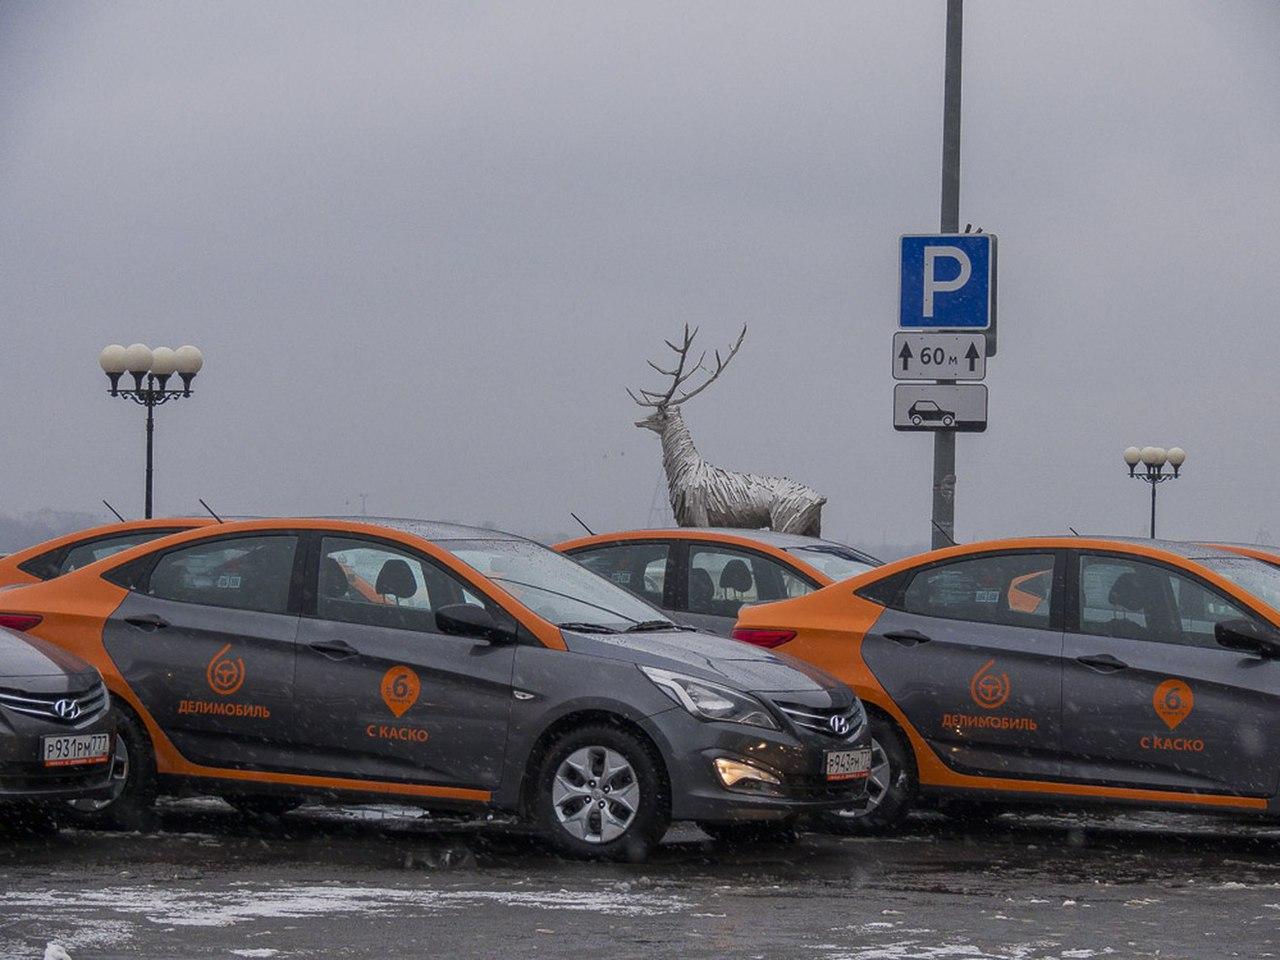 «Делимобиль» запустил каршеринг в Нижнем Новгороде